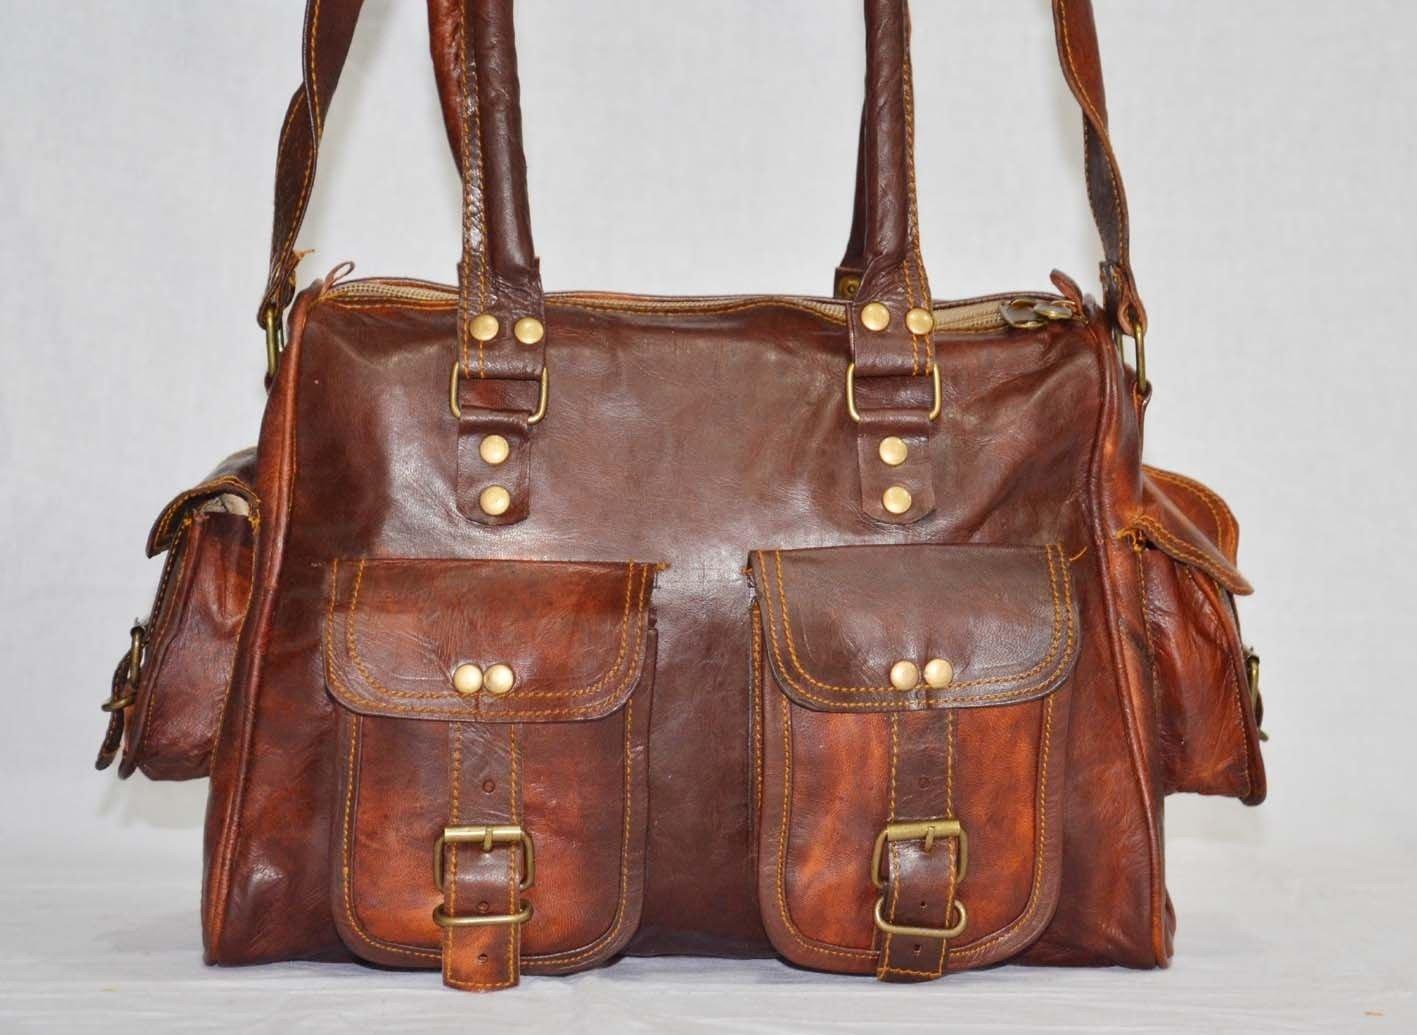 thehandicraftworld Handmade leather shoulder satchel vintage messenger bag briefcase for ladies